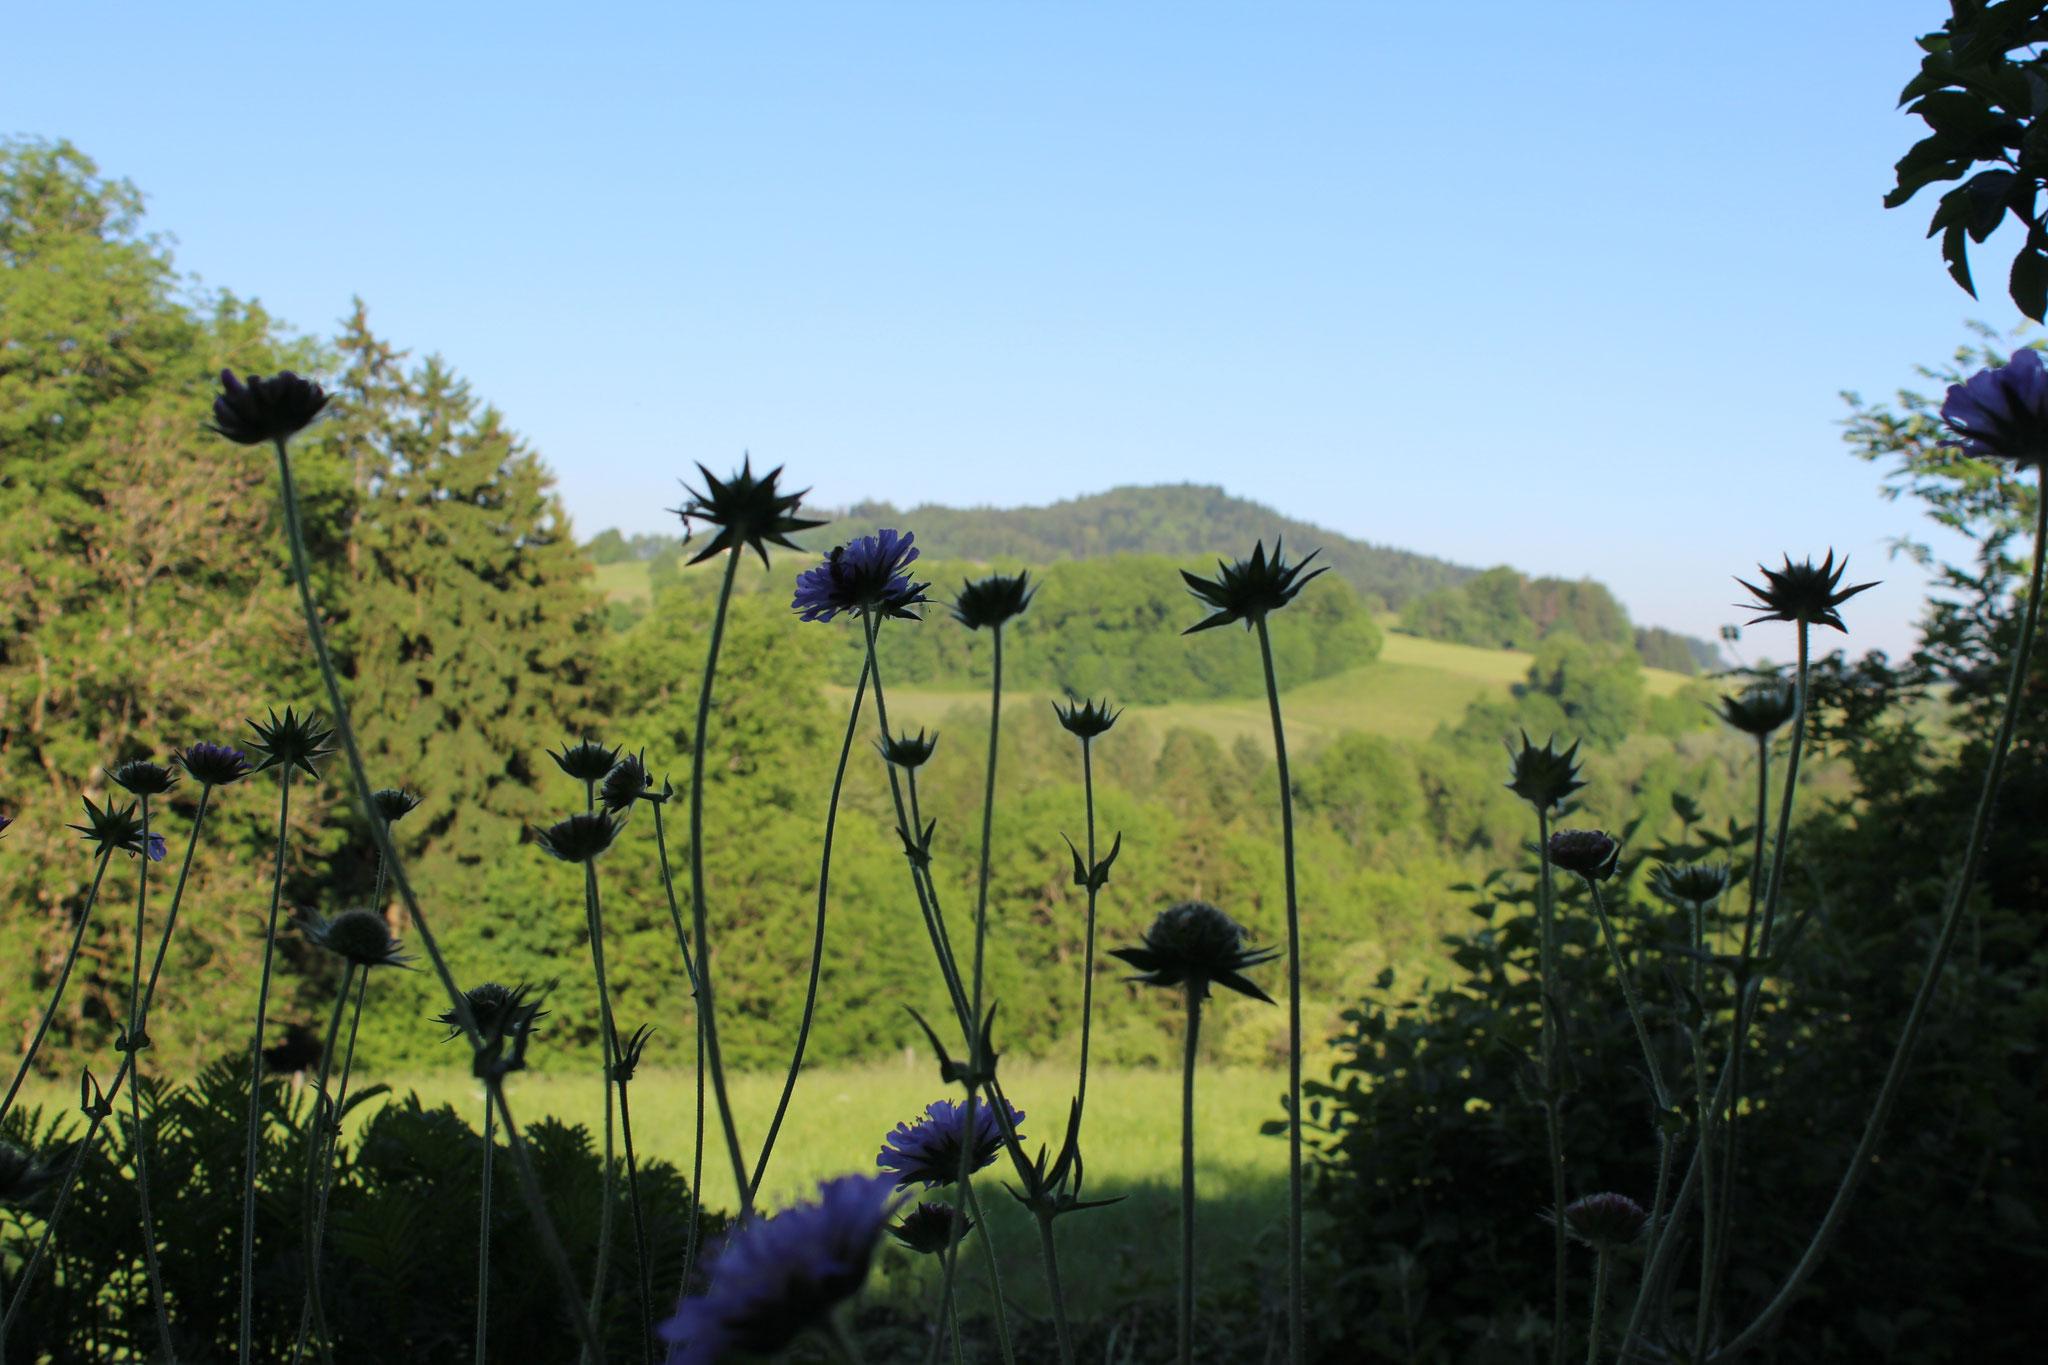 Blick vom Garten, worin die Kräutertage stattfinden